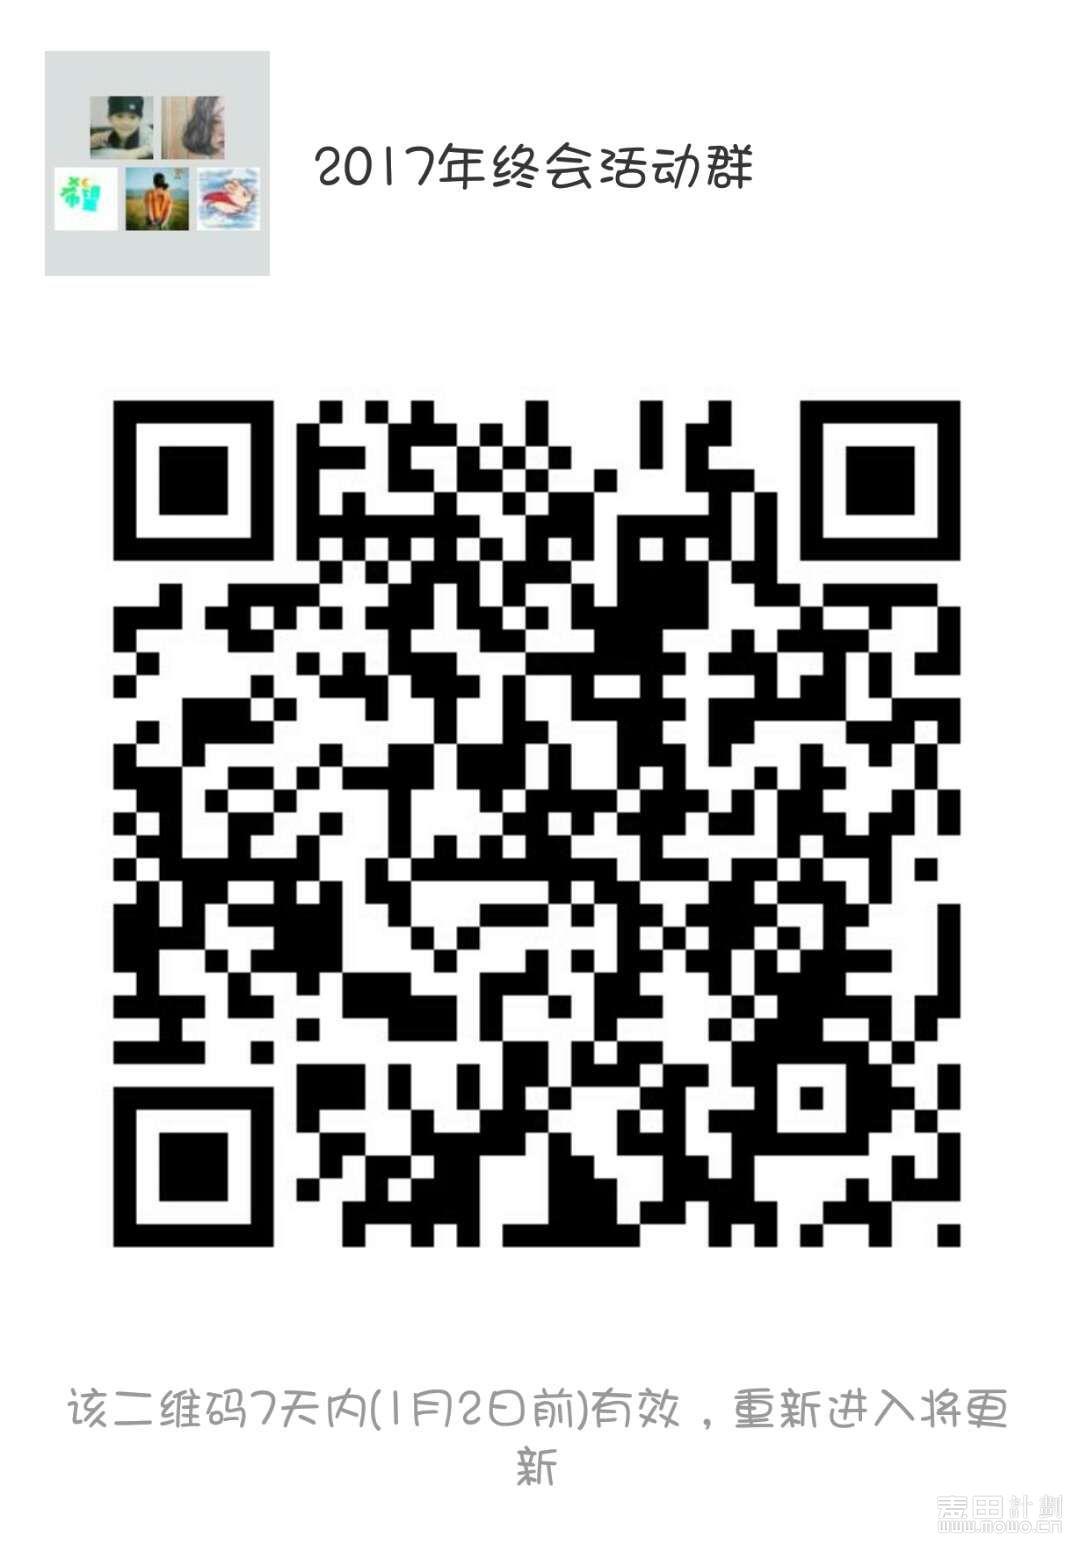 280715309108363143.jpg